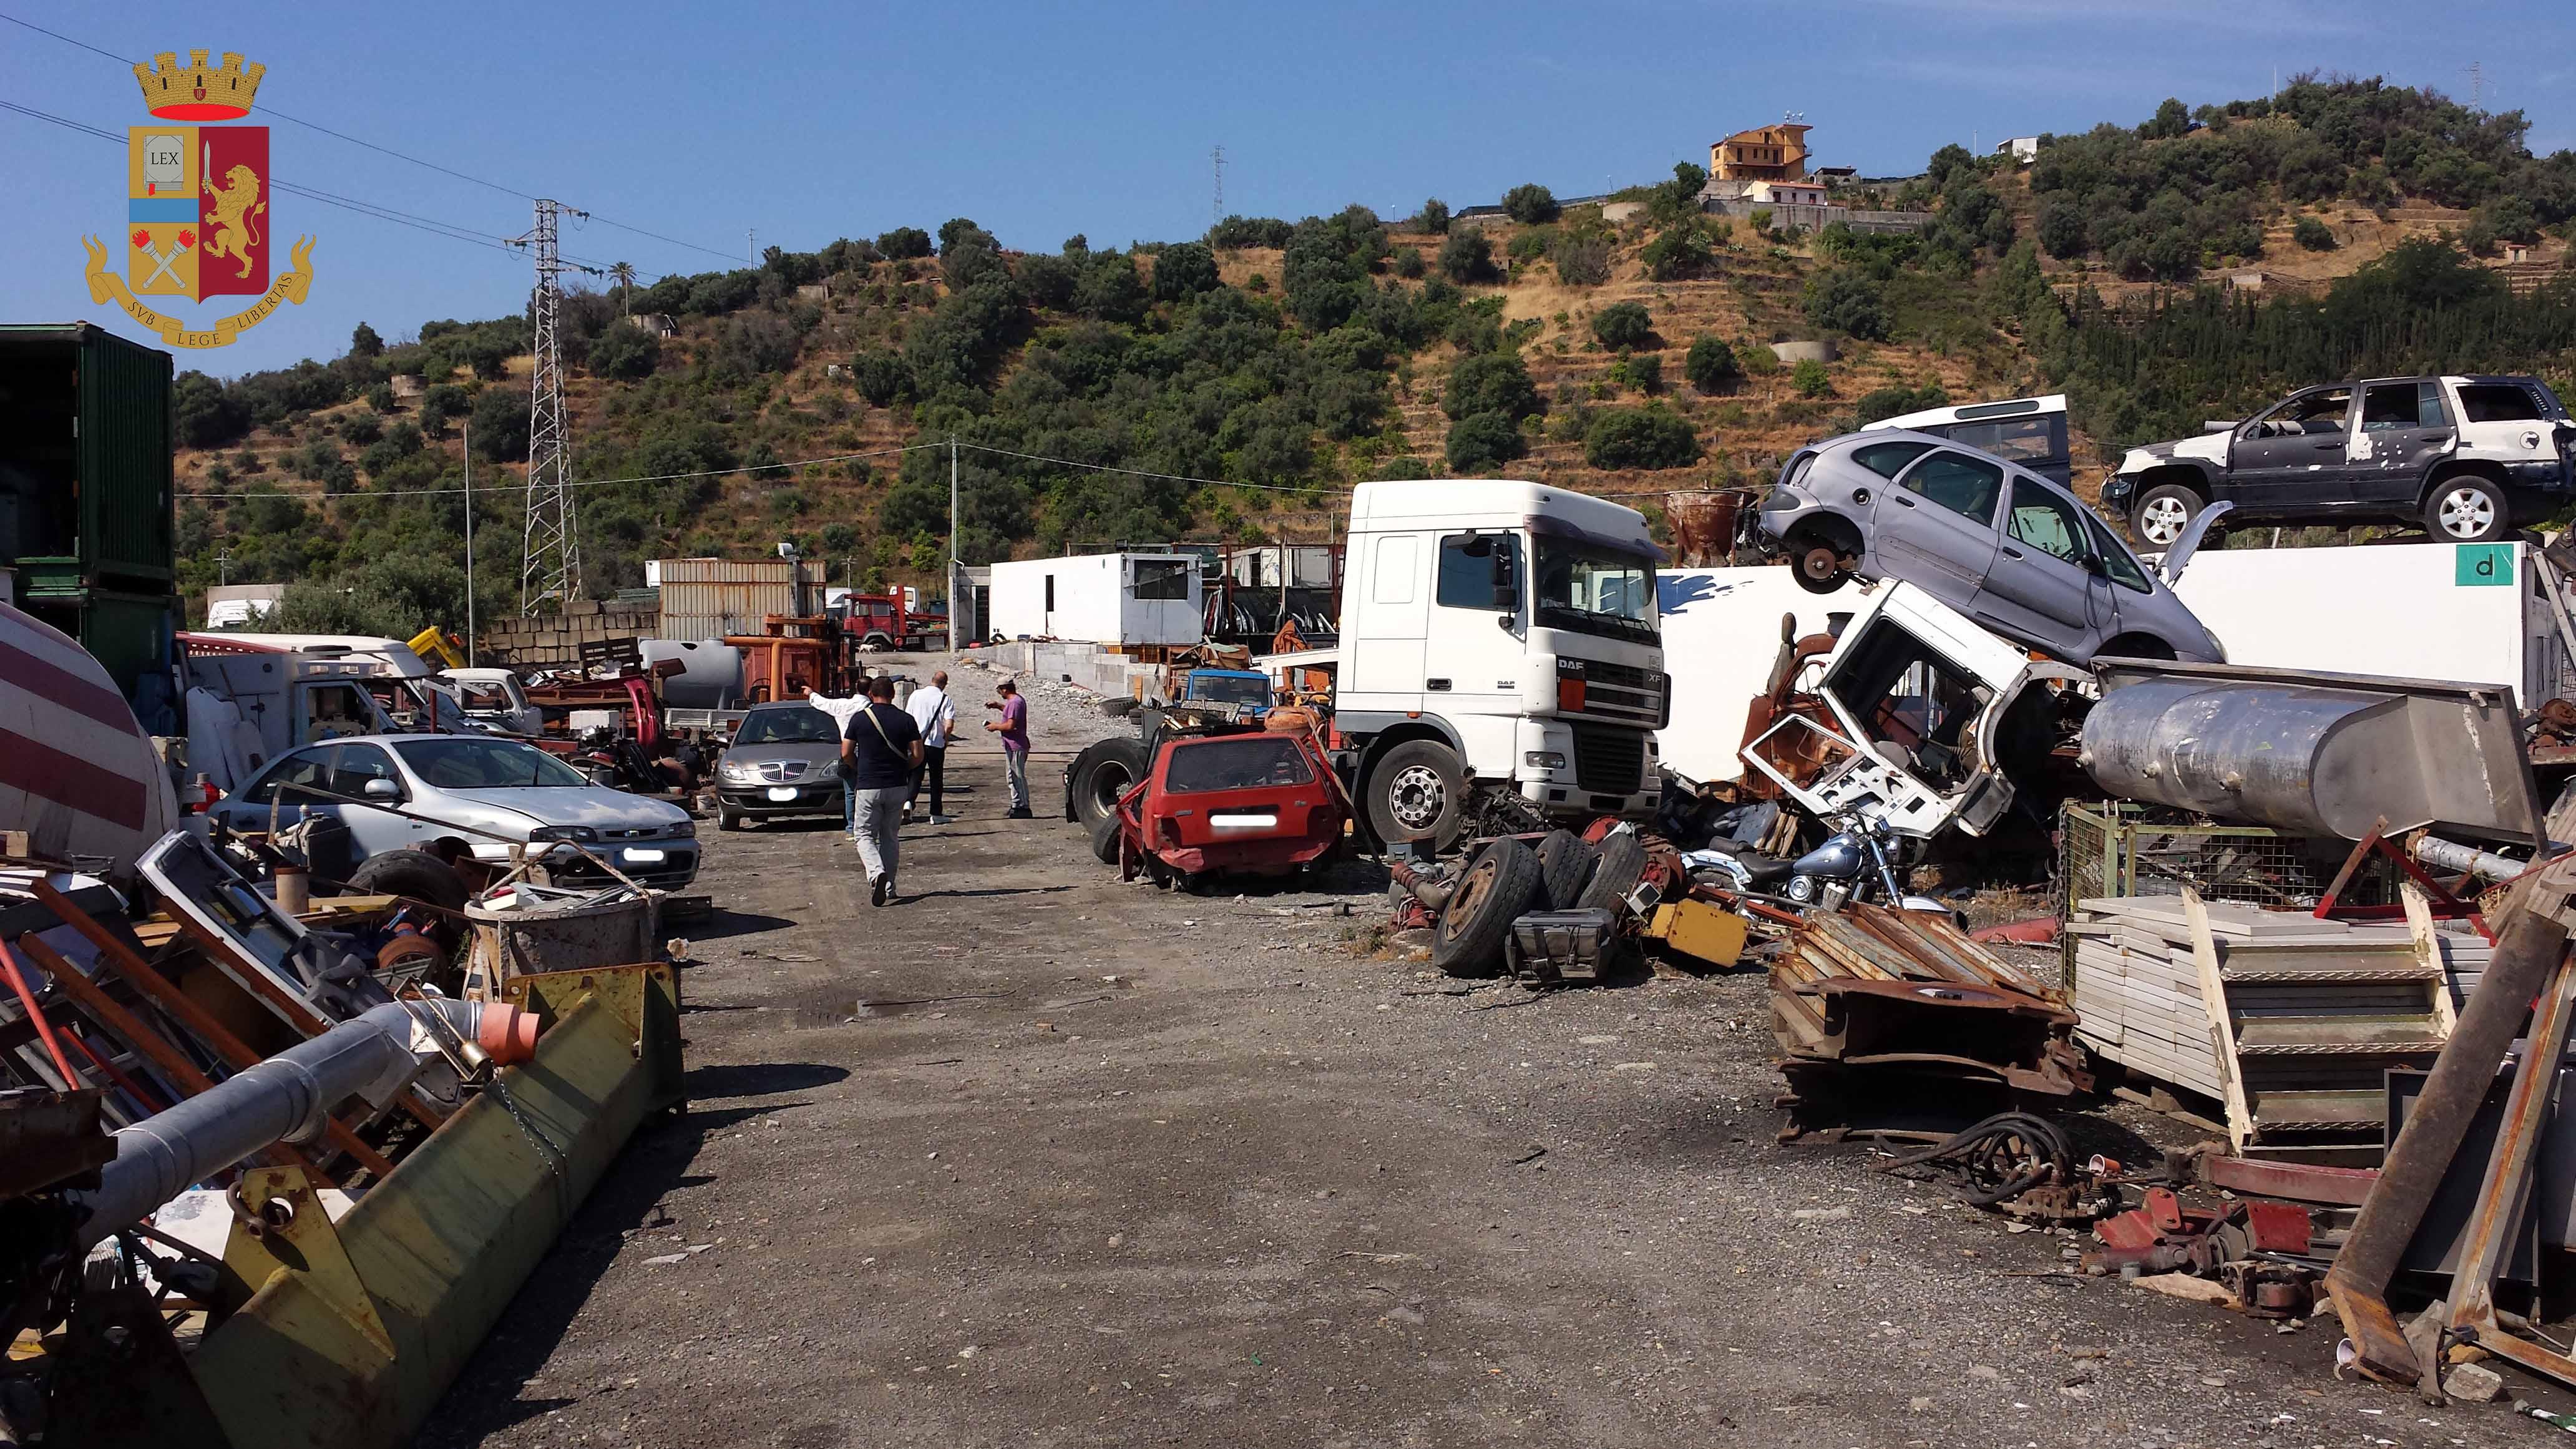 Sequestrata area abusivamente utilizzata per recupero rifiuti pericolosi e veicoli dismessi